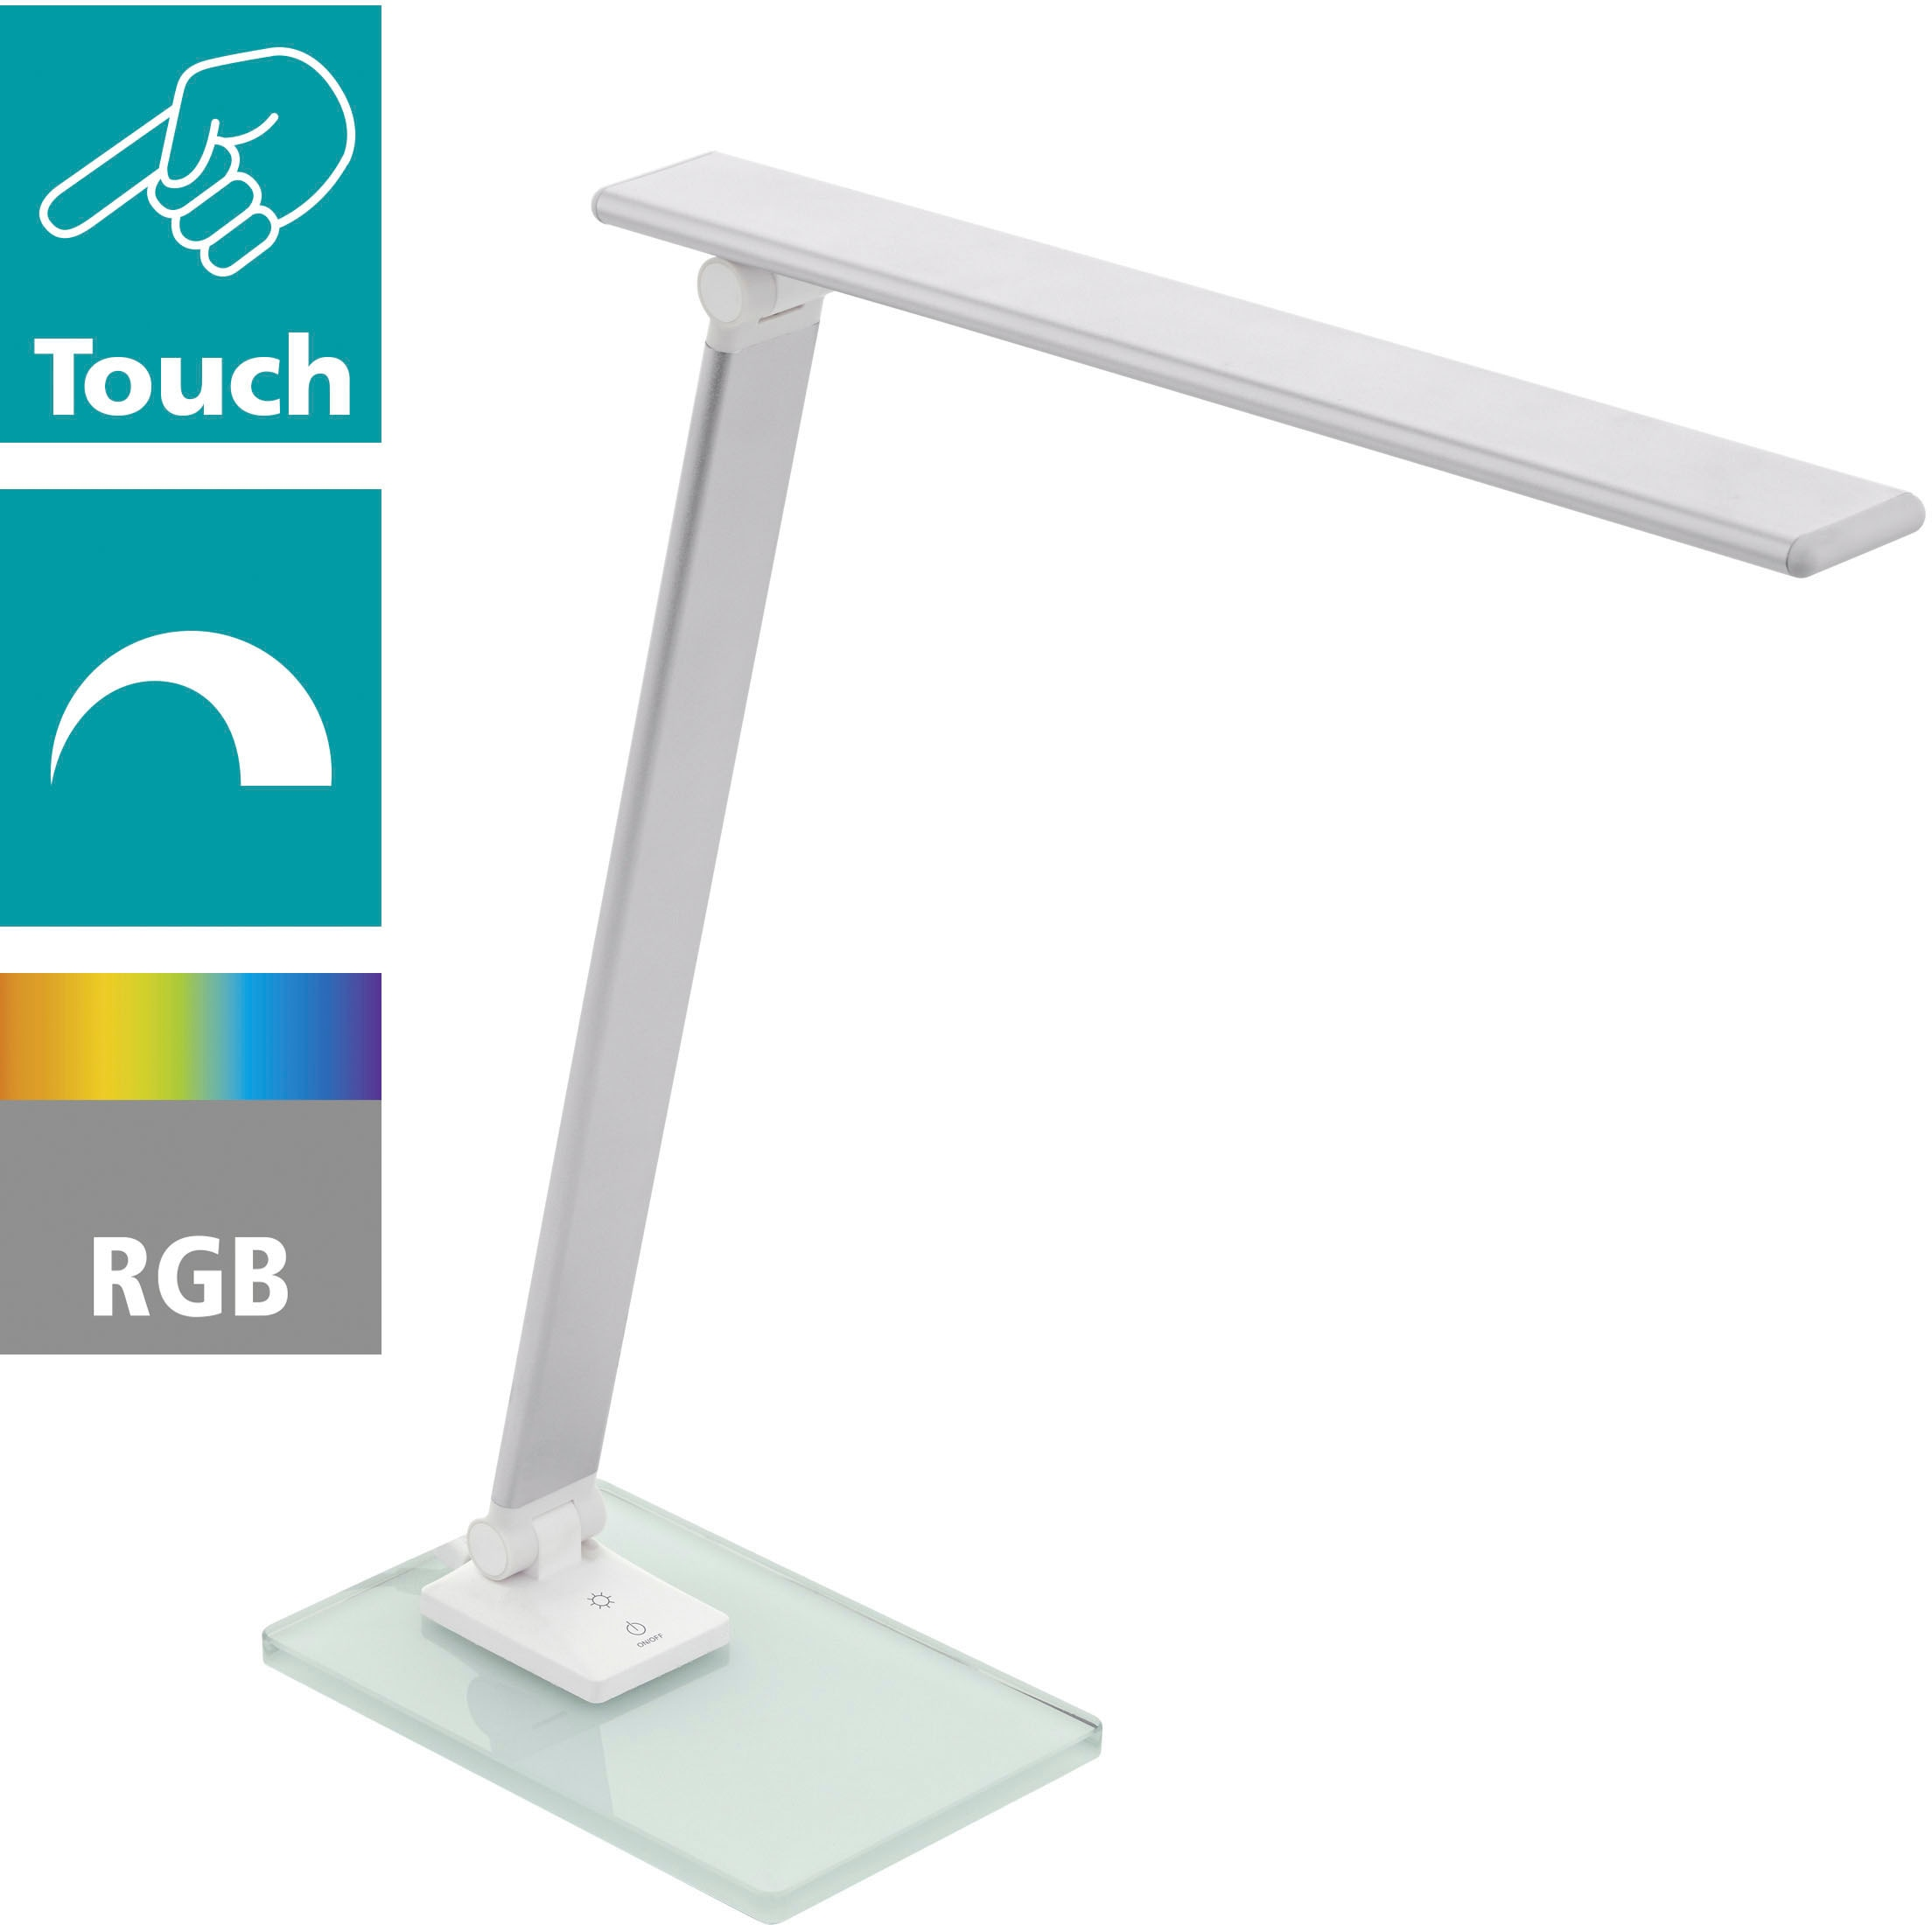 EGLO Tischleuchte CONVERSANA, LED-Board, Neutralweiß, 3-step dimming, Farbwechsler